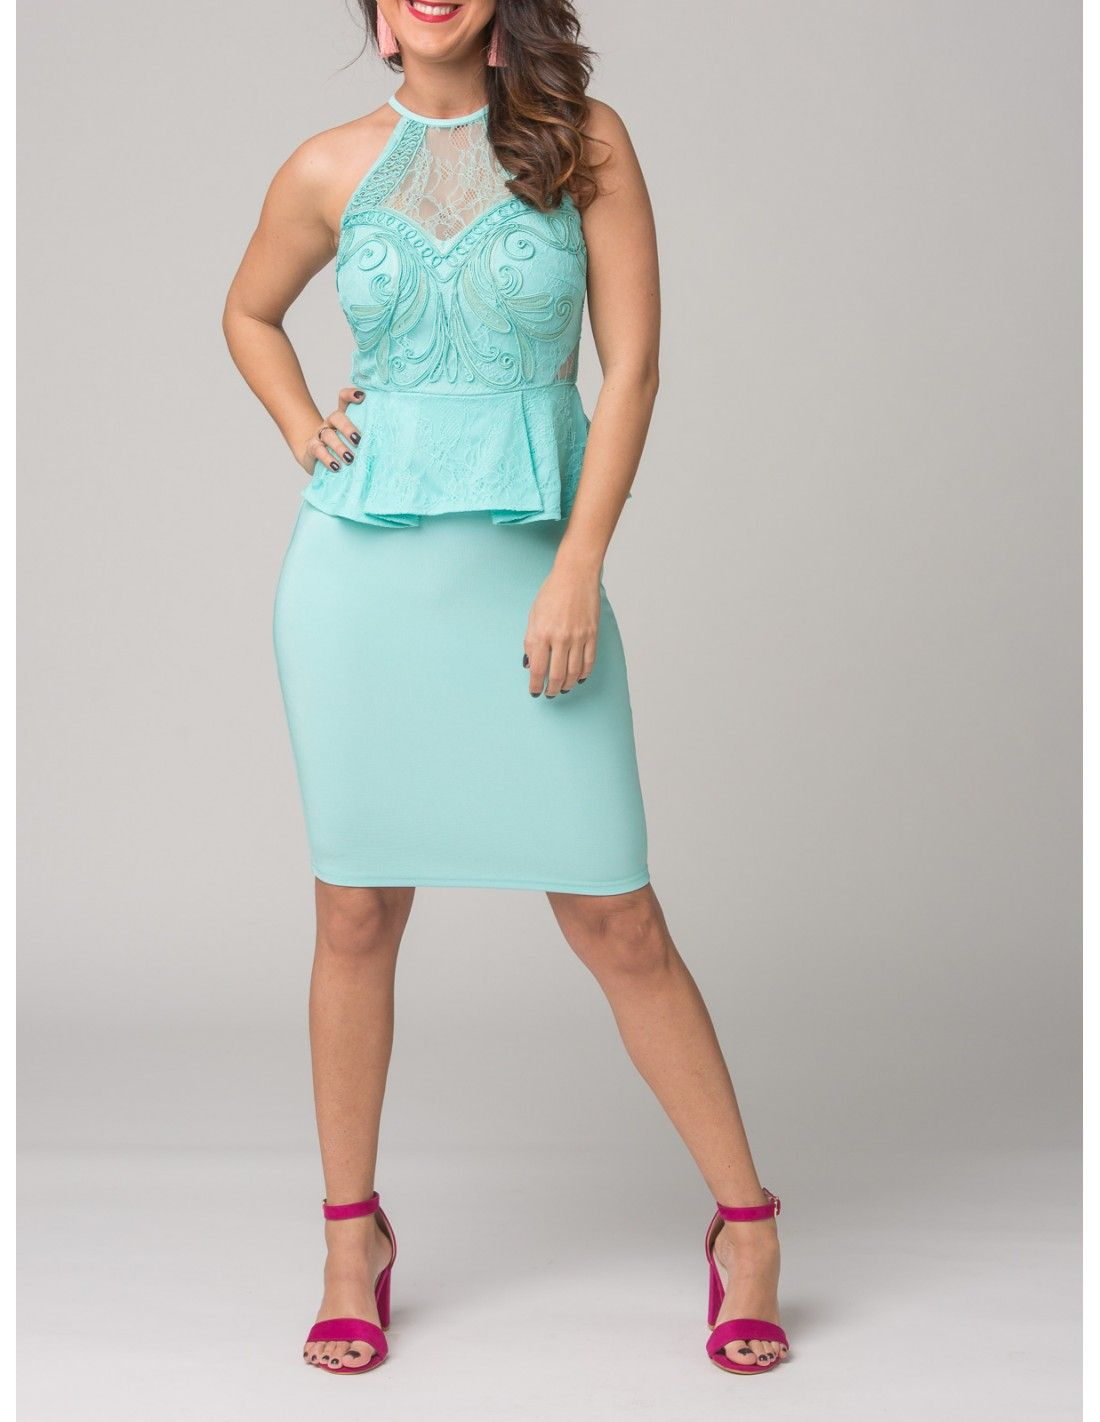 70e2b0bfe1 Vestido Belfast   Lipsy London - Vestido midi ajustado en color verde agua.  Cuello halter